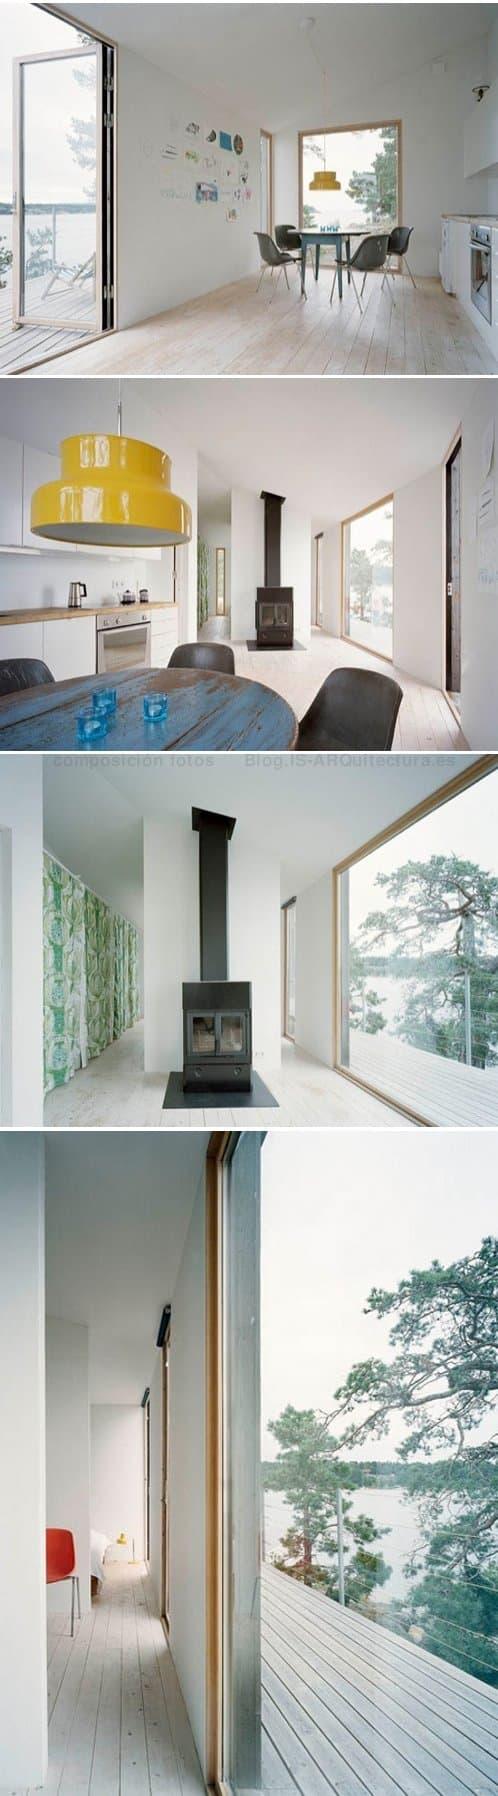 krakmora_holmar-refugio-sueco-veraneo fotos del interior